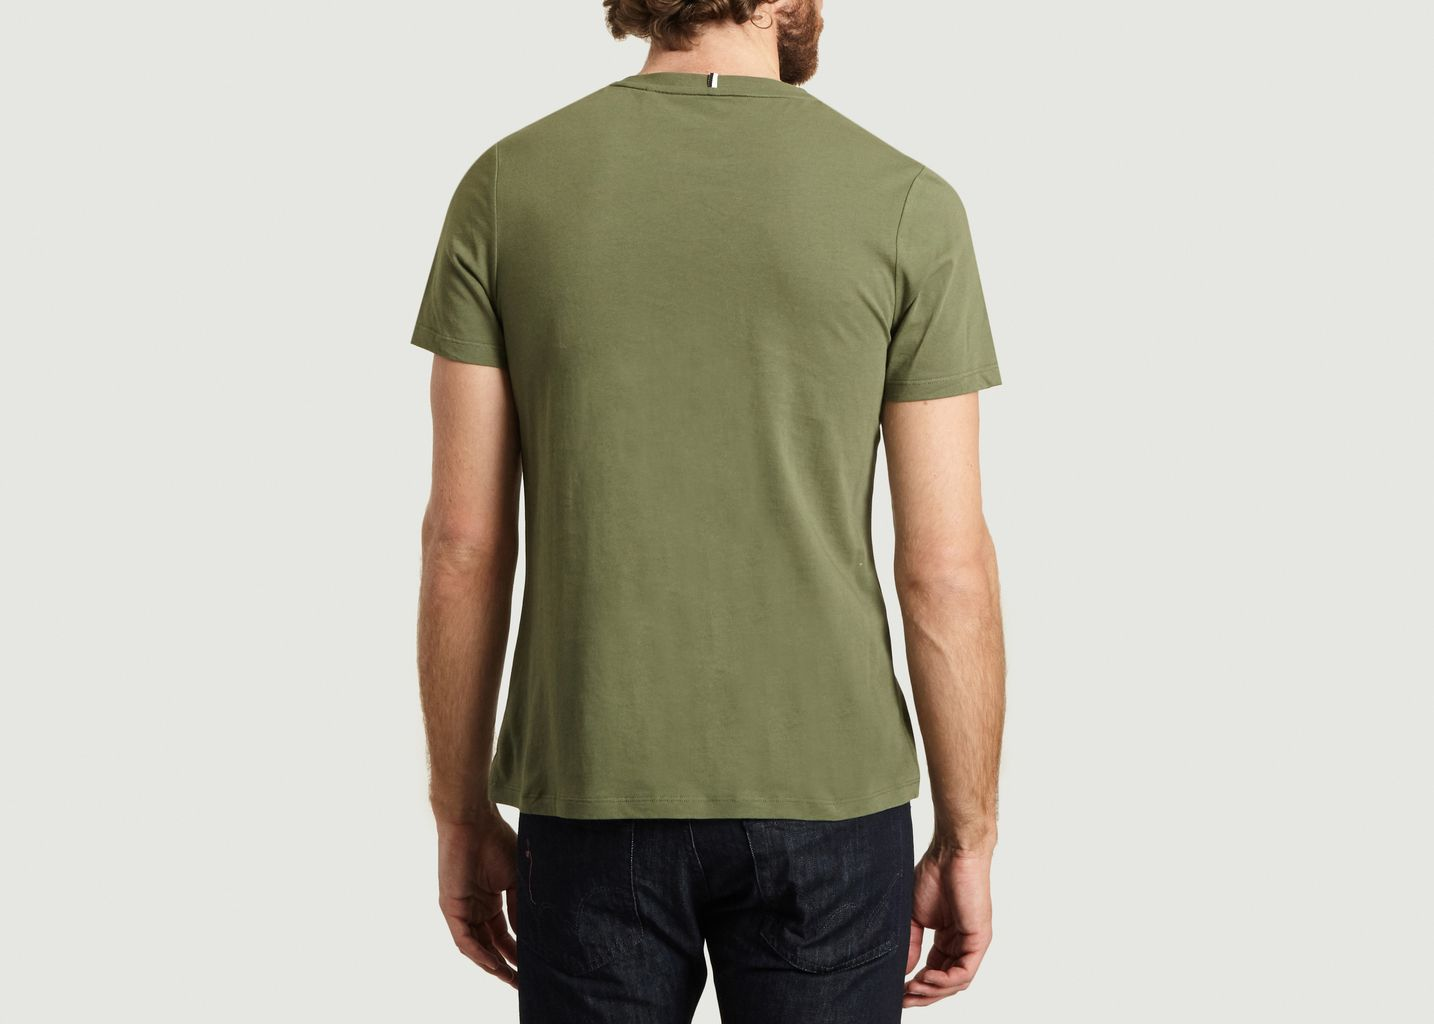 Khaki Shirt ParisL'exception Arcy Homme Faguo Bois T Des tsrBhQdCx